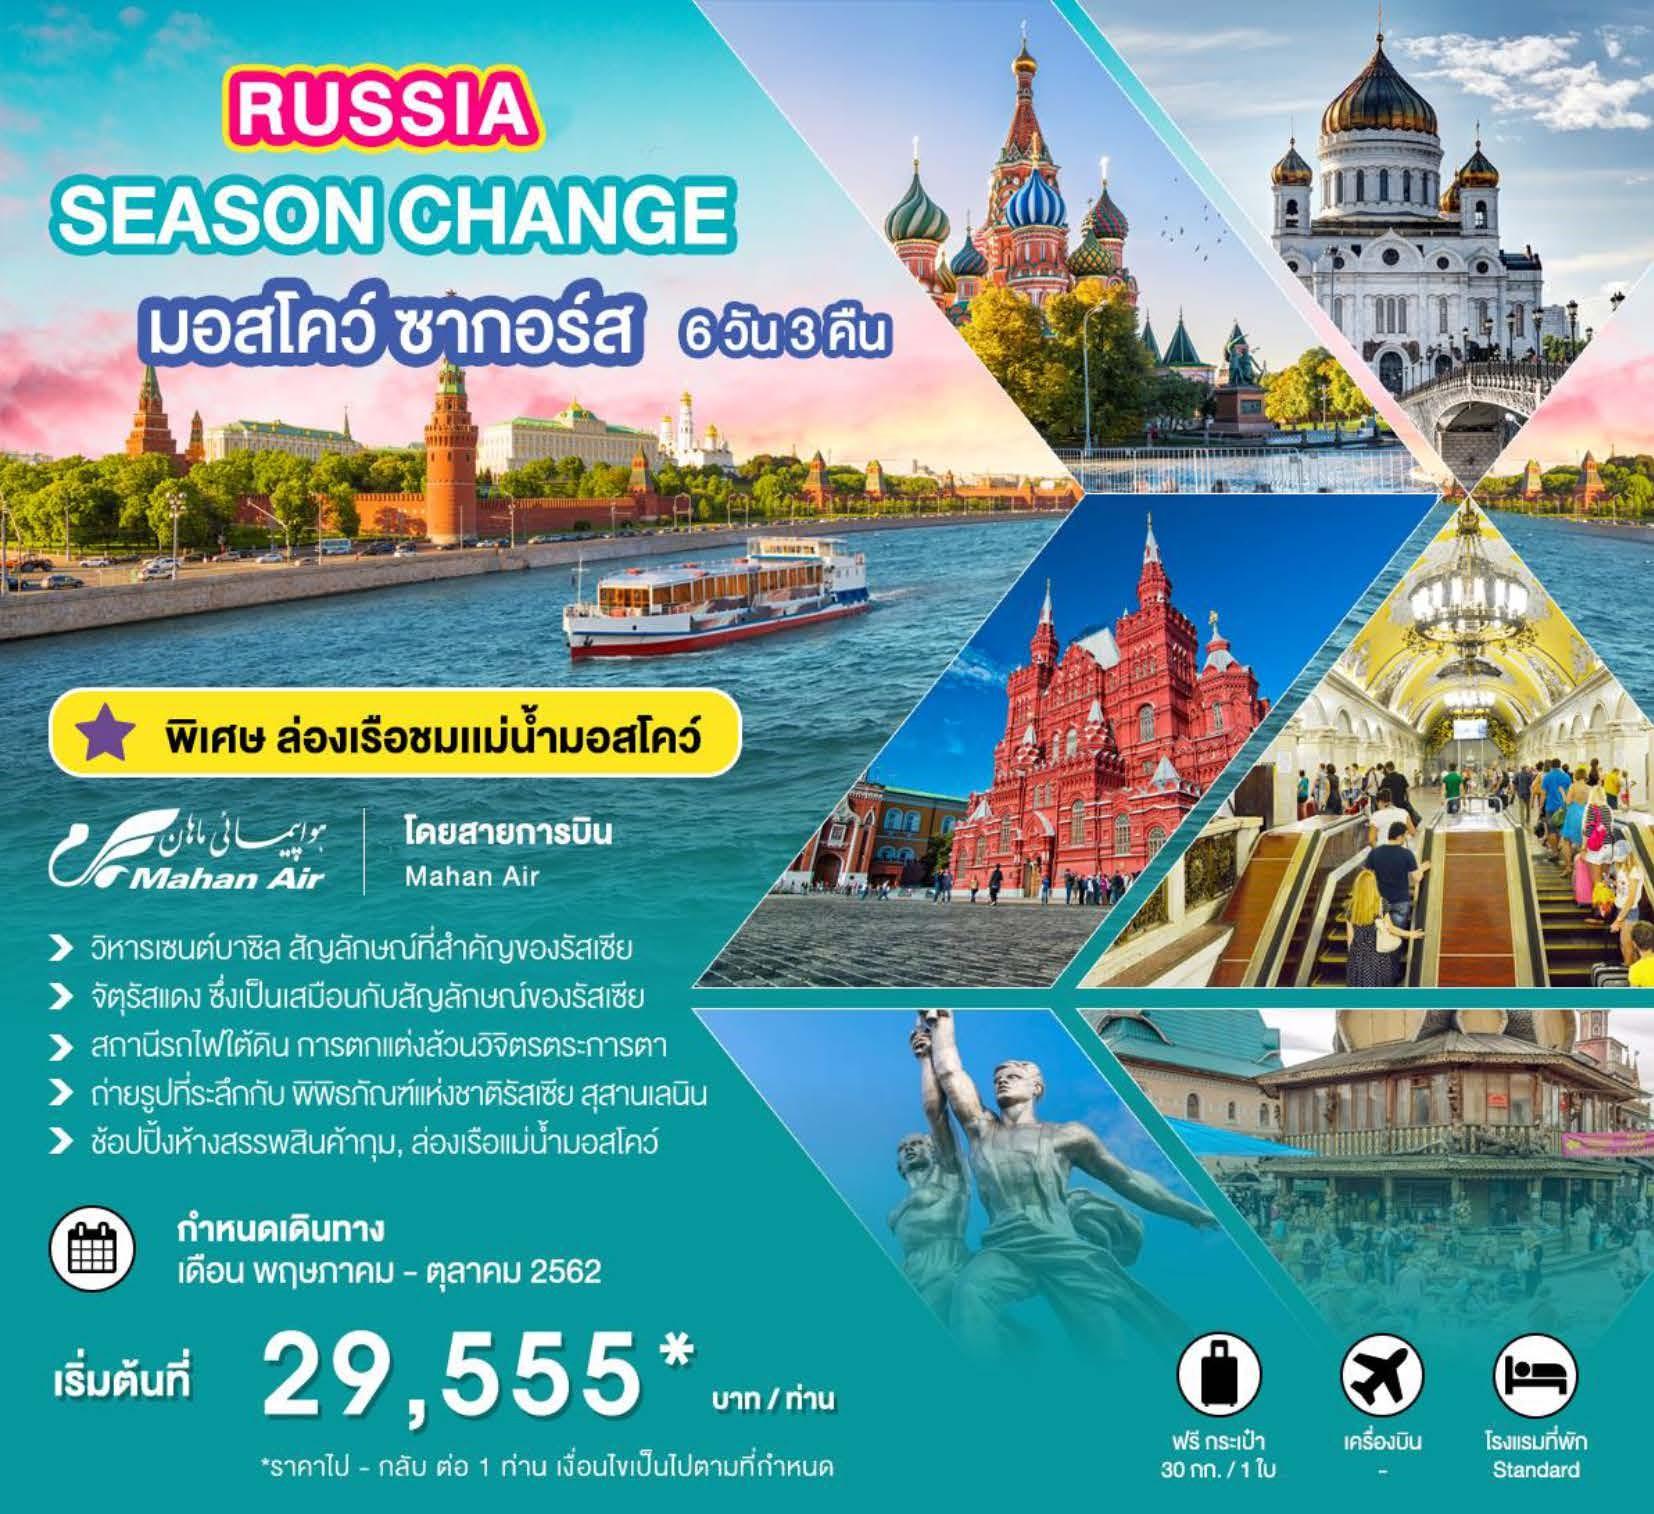 ทัวร์รัสเซีย Russia Season Change